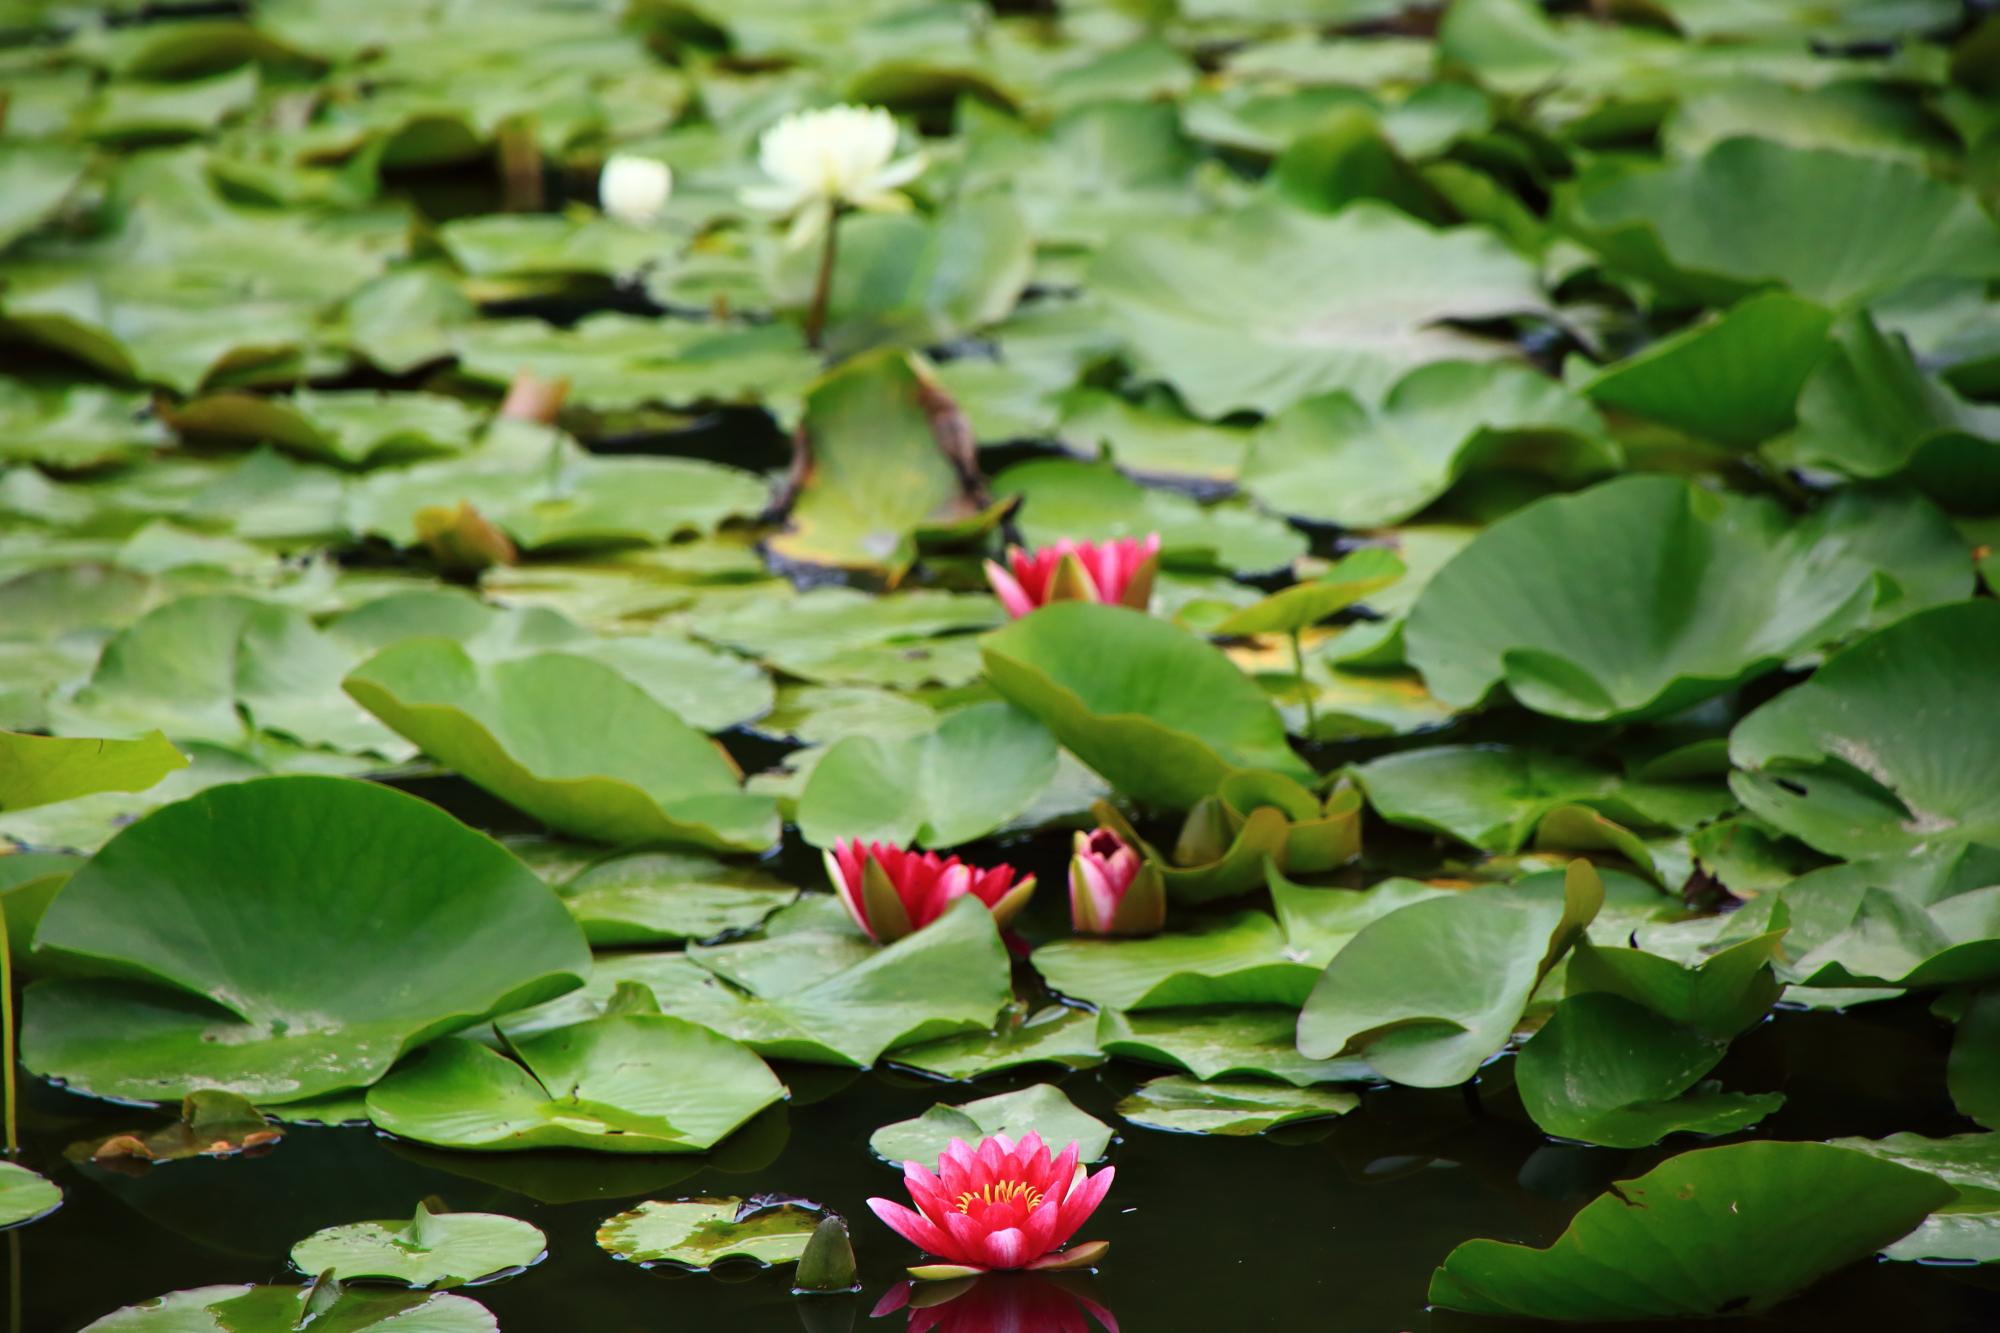 勧修寺の氷室池に同じ時期に咲く睡蓮(すいれん)